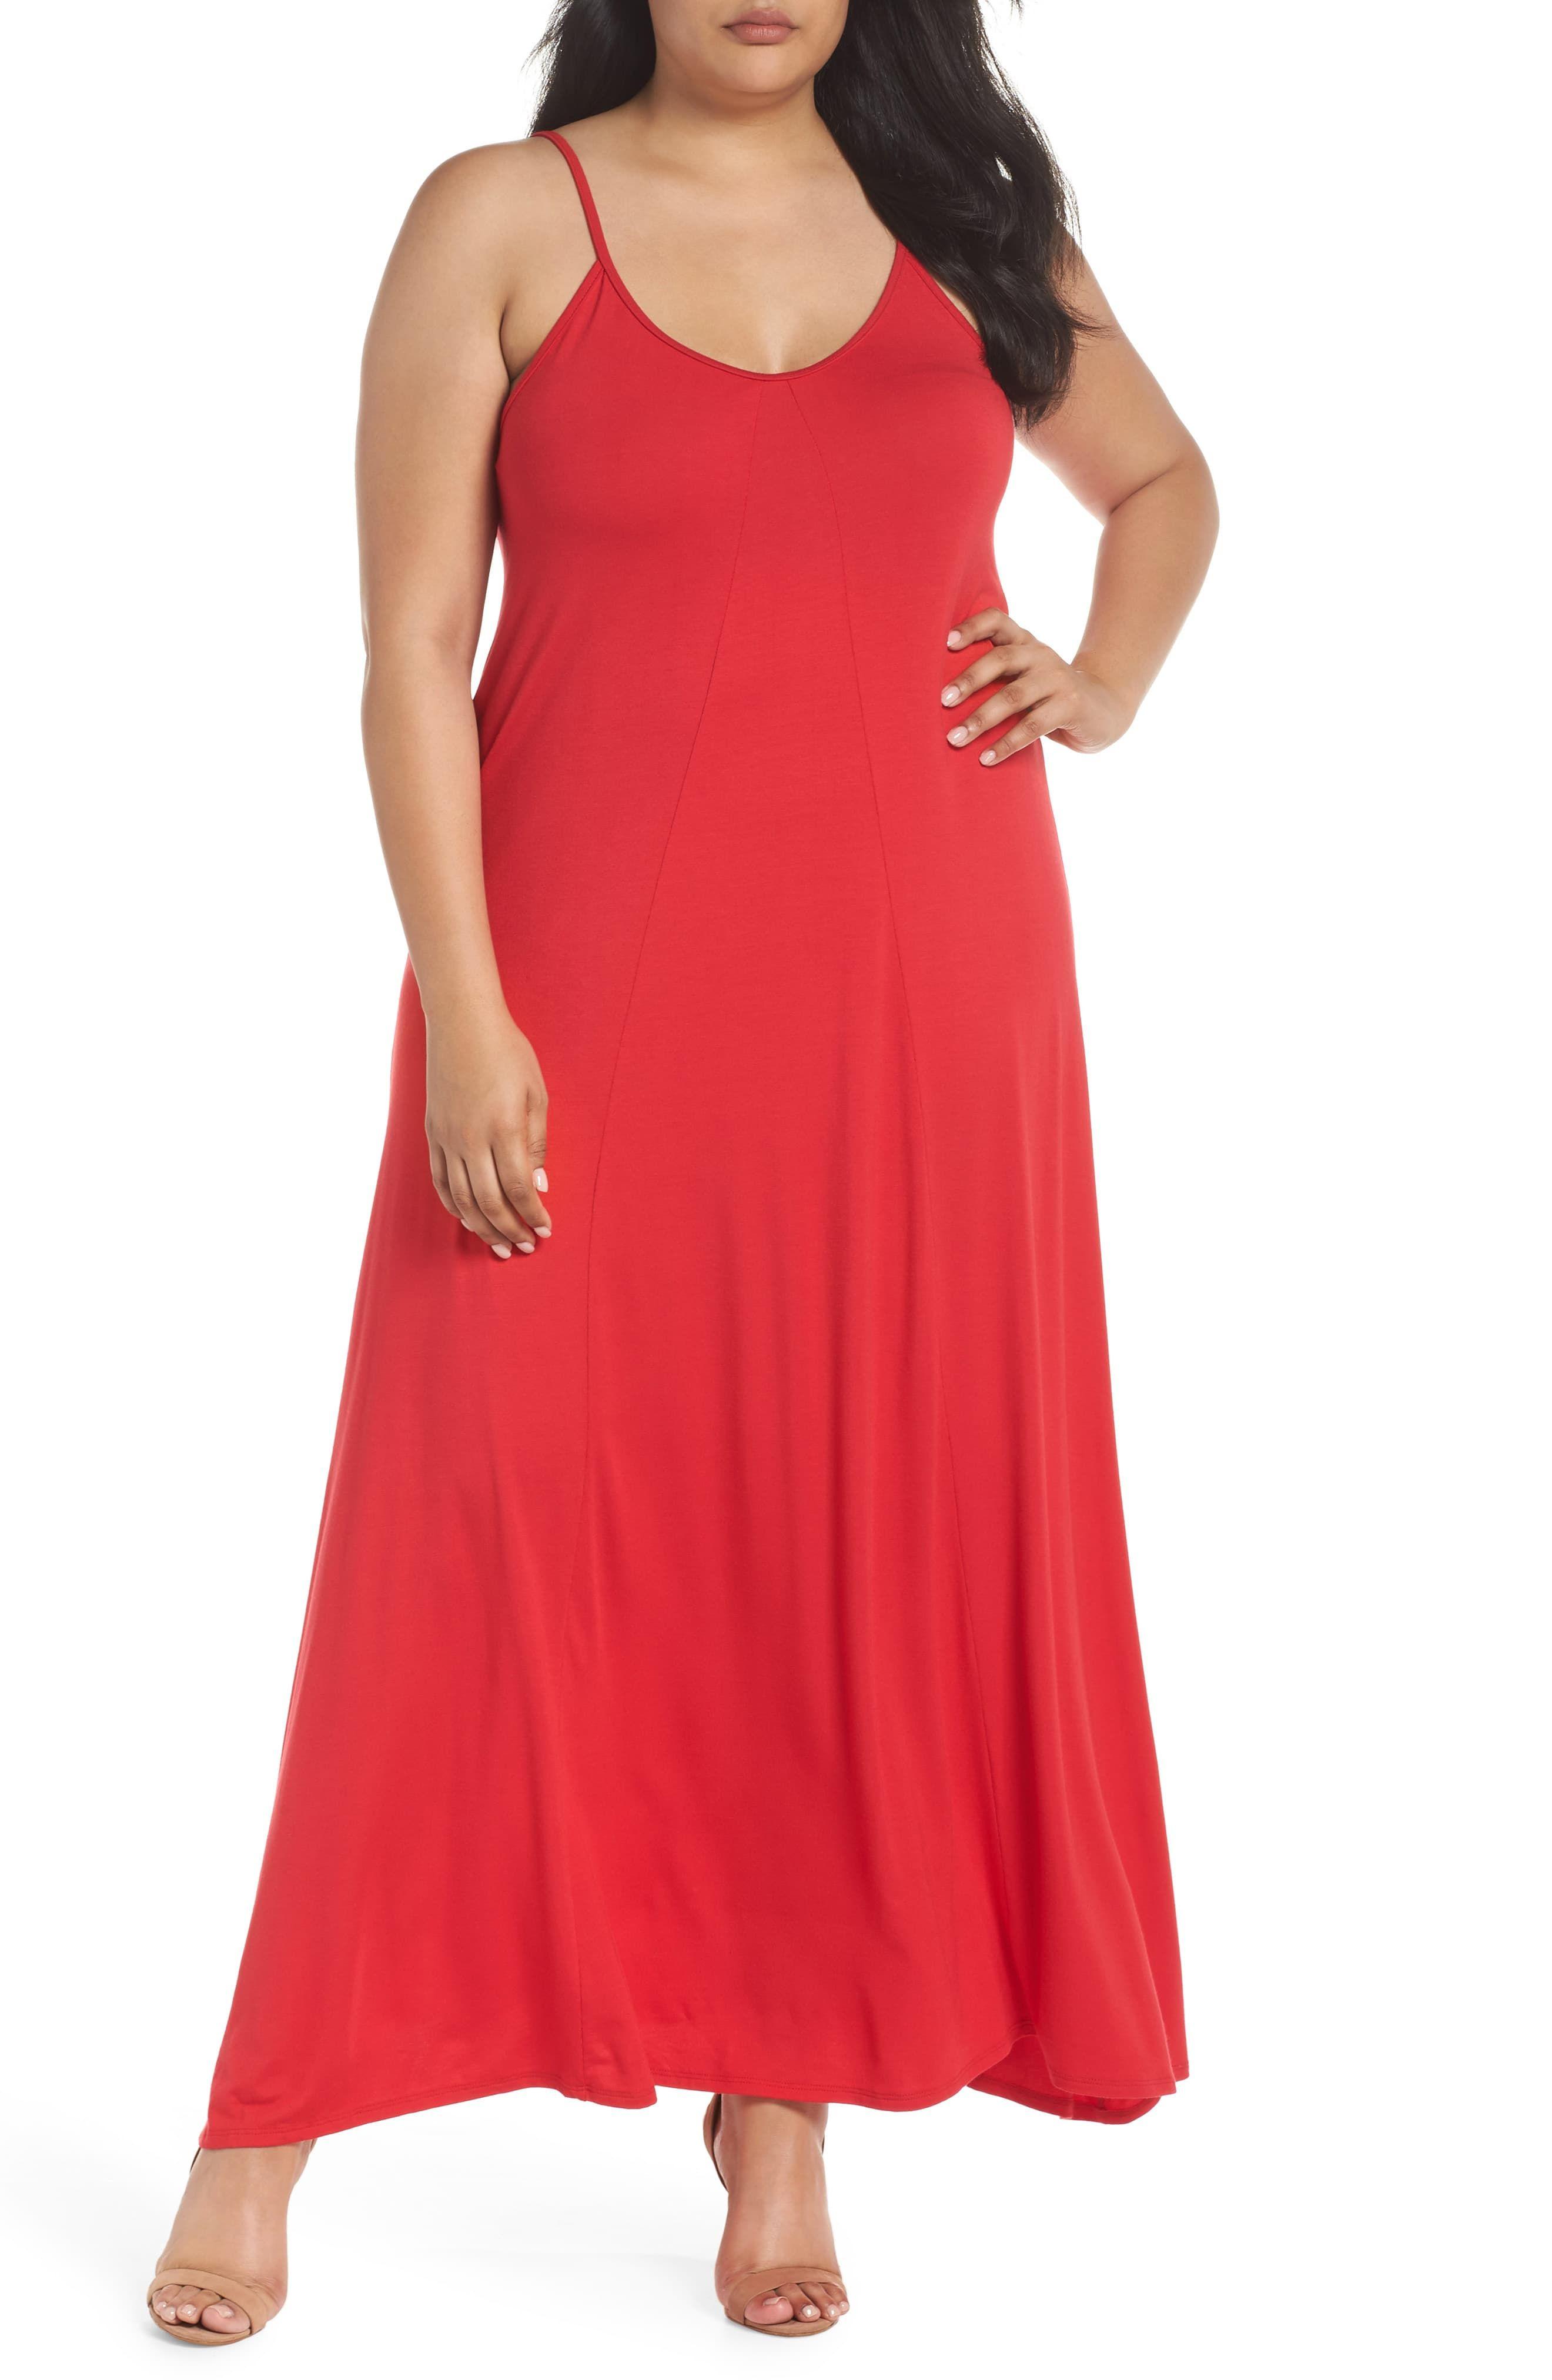 Plus Size Women S Loveappella A Line Maxi Dress Size 2x Red In 2021 Maxi Dress A Line Maxi Dress Plus Size Maxi Dresses [ 4048 x 2640 Pixel ]